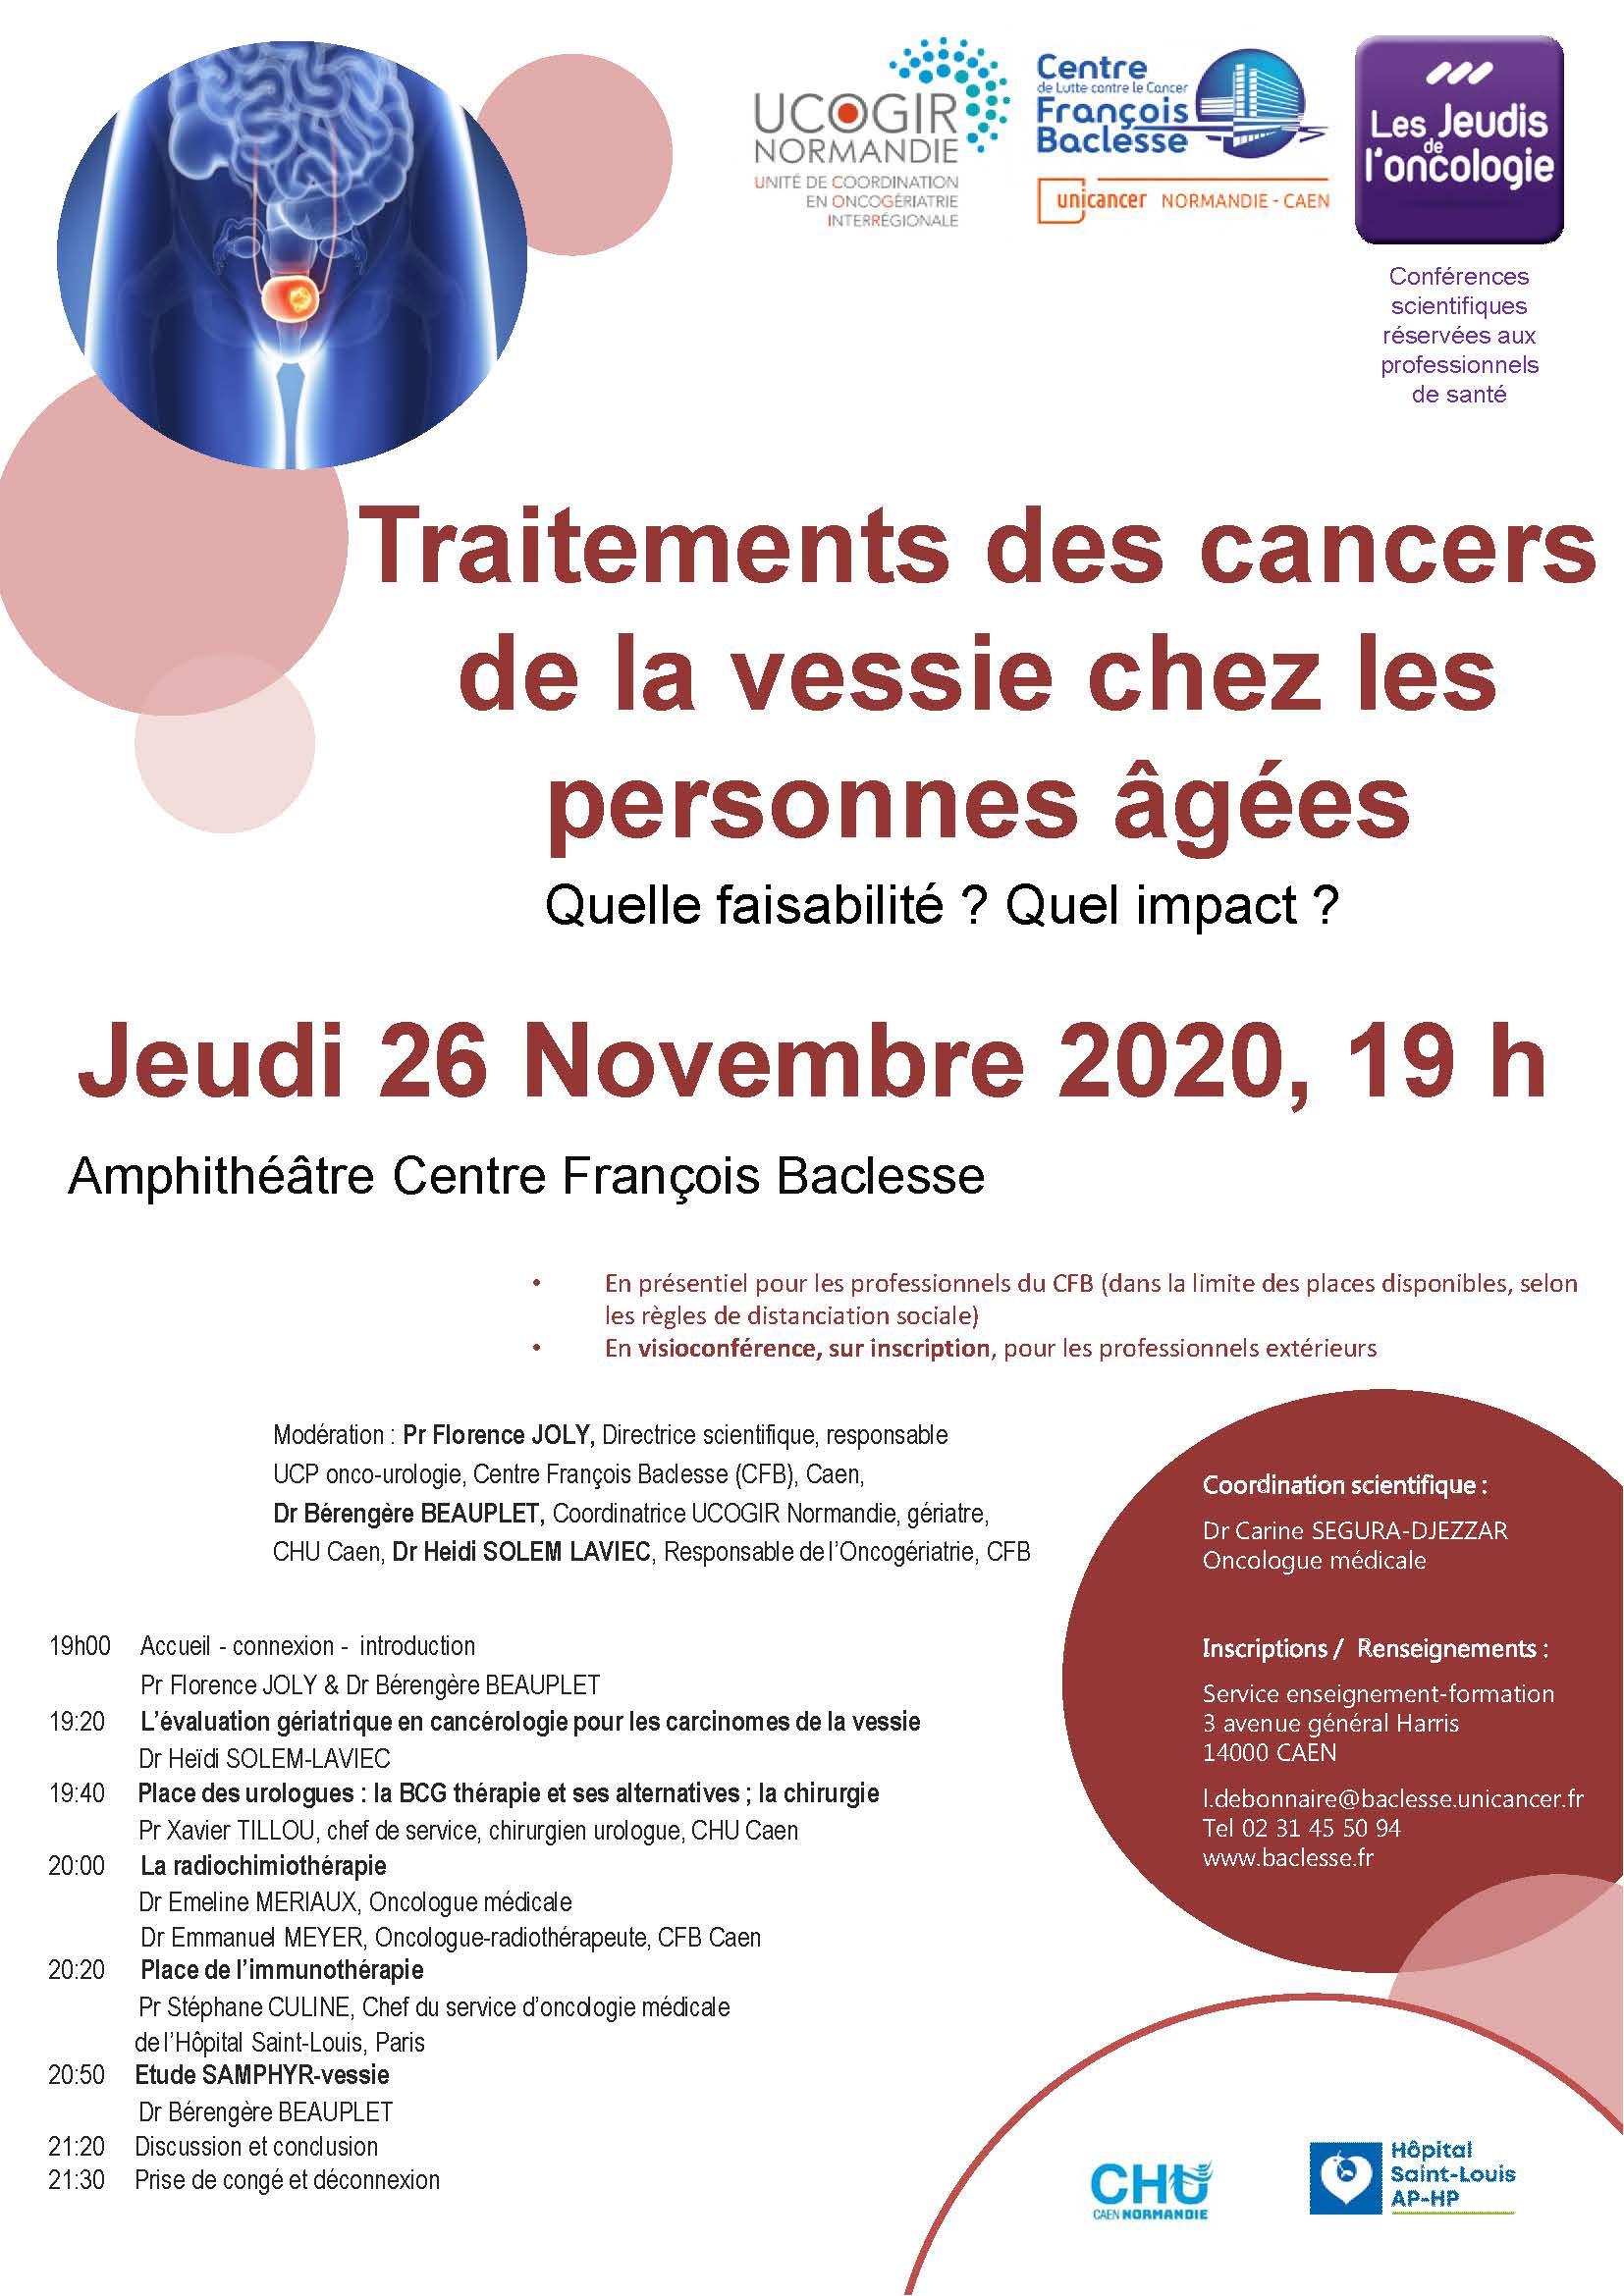 V2 Jeudi 26 novembre  2020 UCOGIR - Traitements des cancers de la vessie chez les personnes âgées